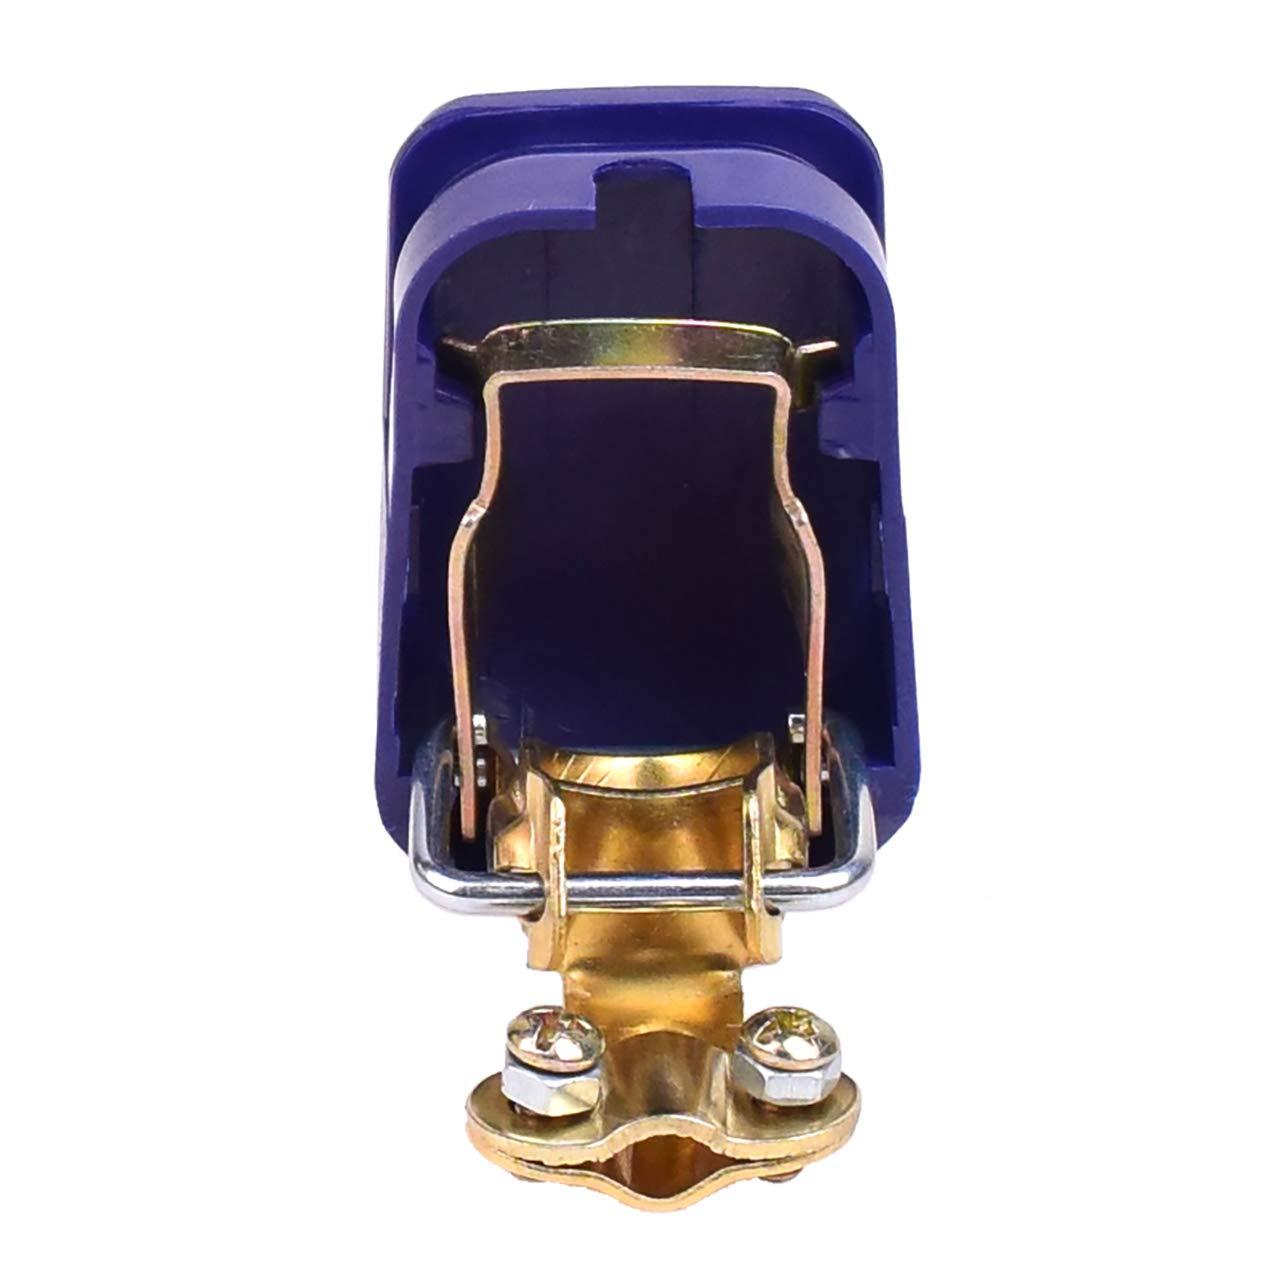 Gaosheng 1 paire de connecteurs de batterie de voiture 12 V avec prise de d/émarrage rapide